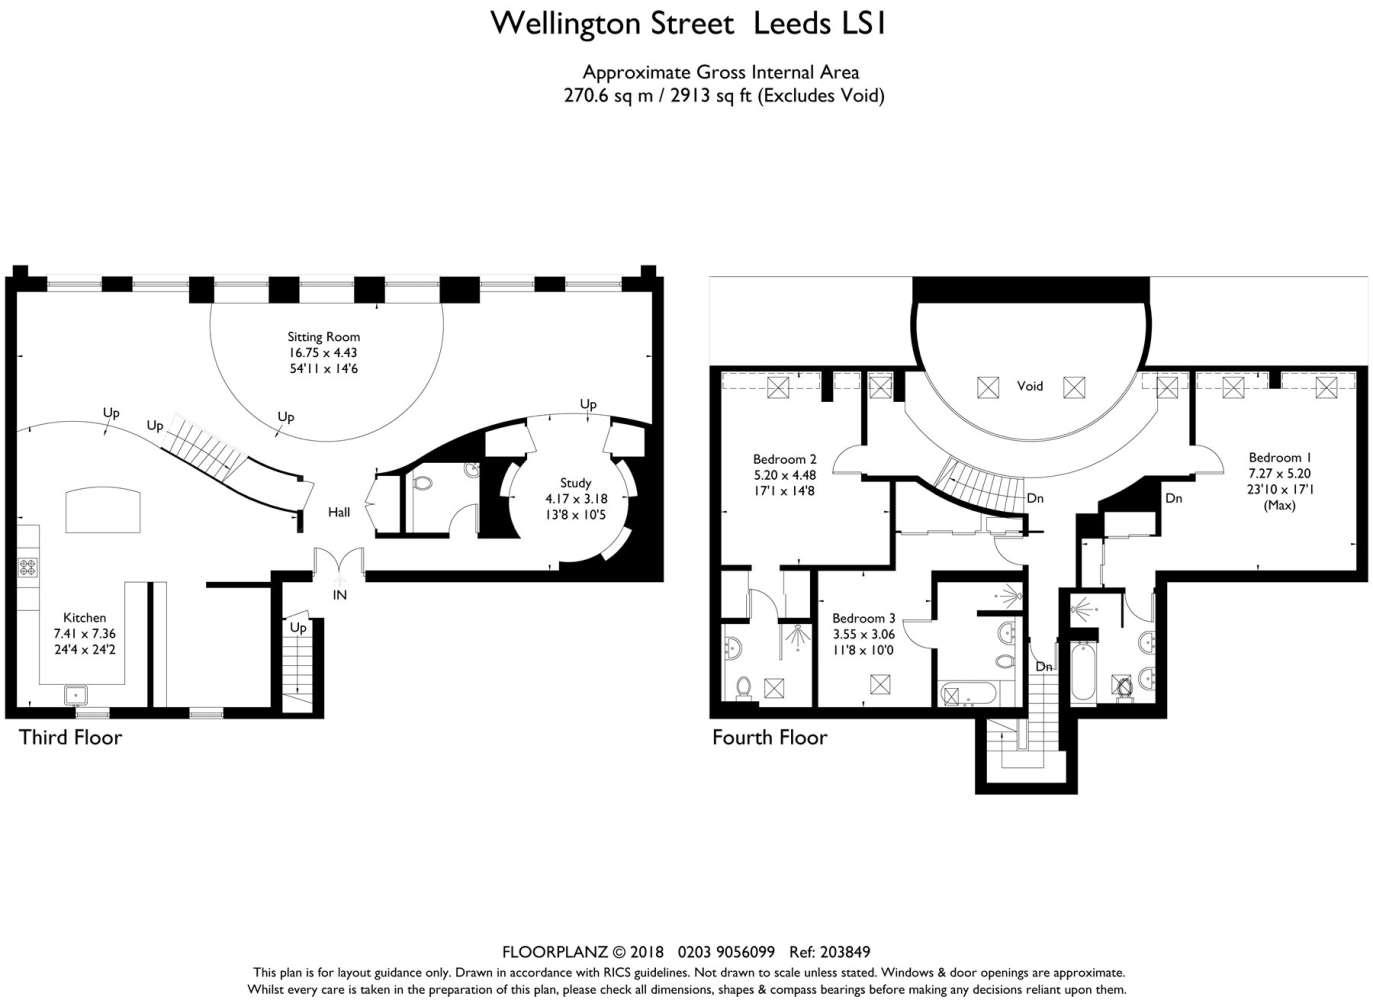 Apartment Leeds, LS1 - 19 Wellington Street Leeds LS1 - 21